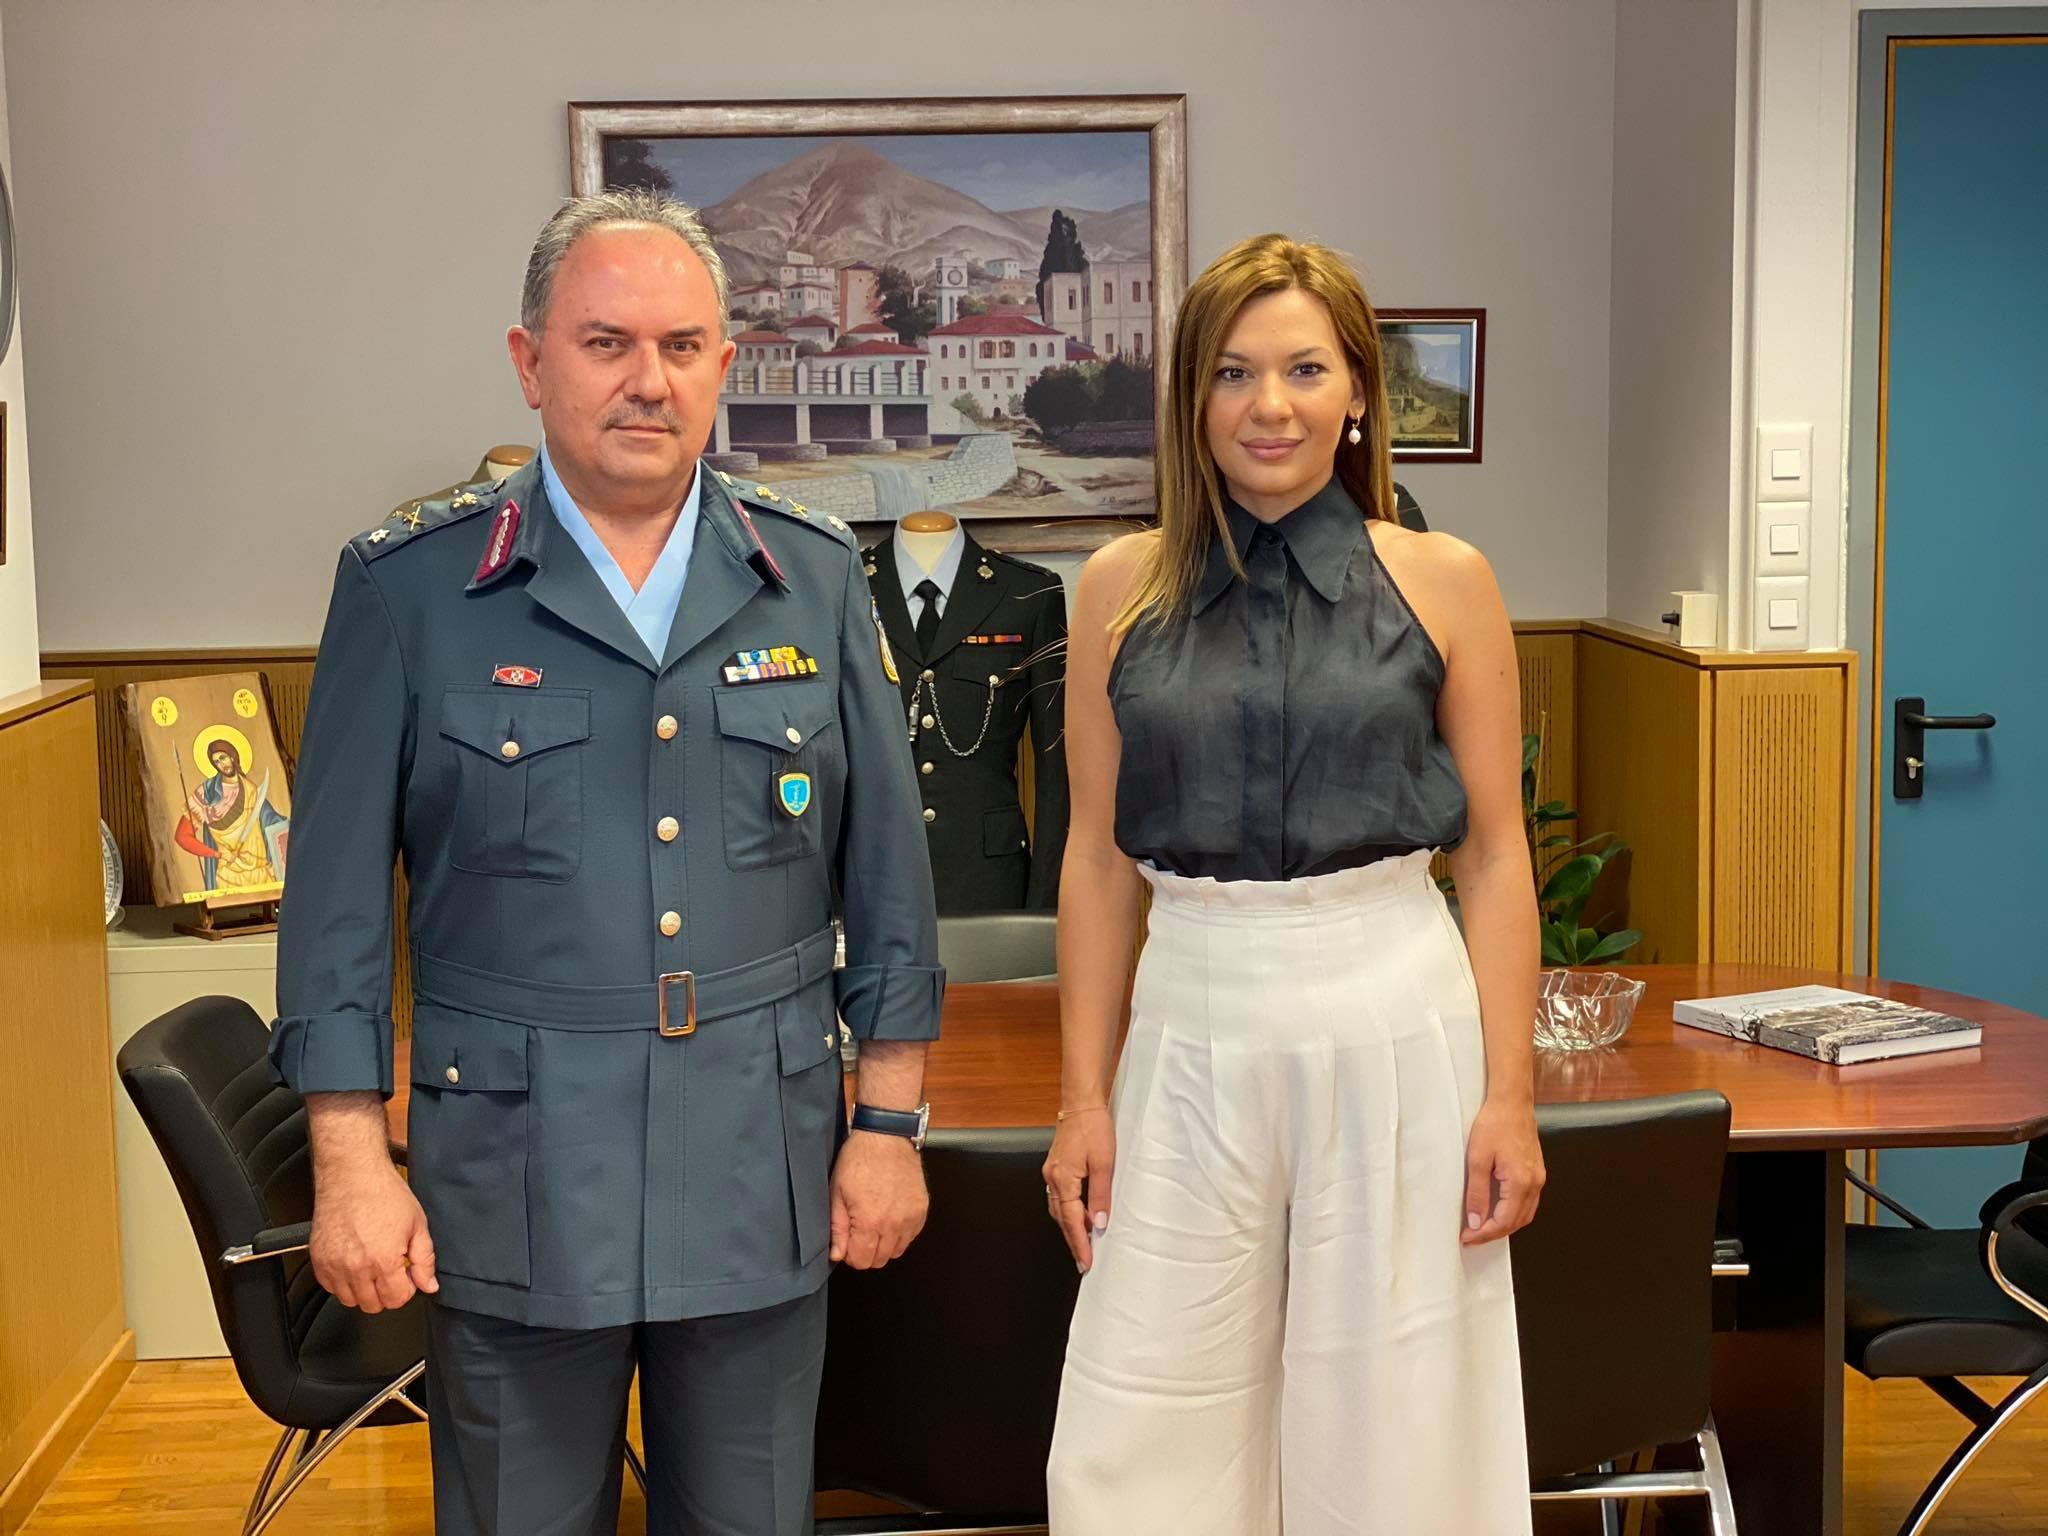 Στέλλα Μπίζιου: Η προστασία του πολίτη προτεραιότητα της κυβέρνησης Μητσοτάκη